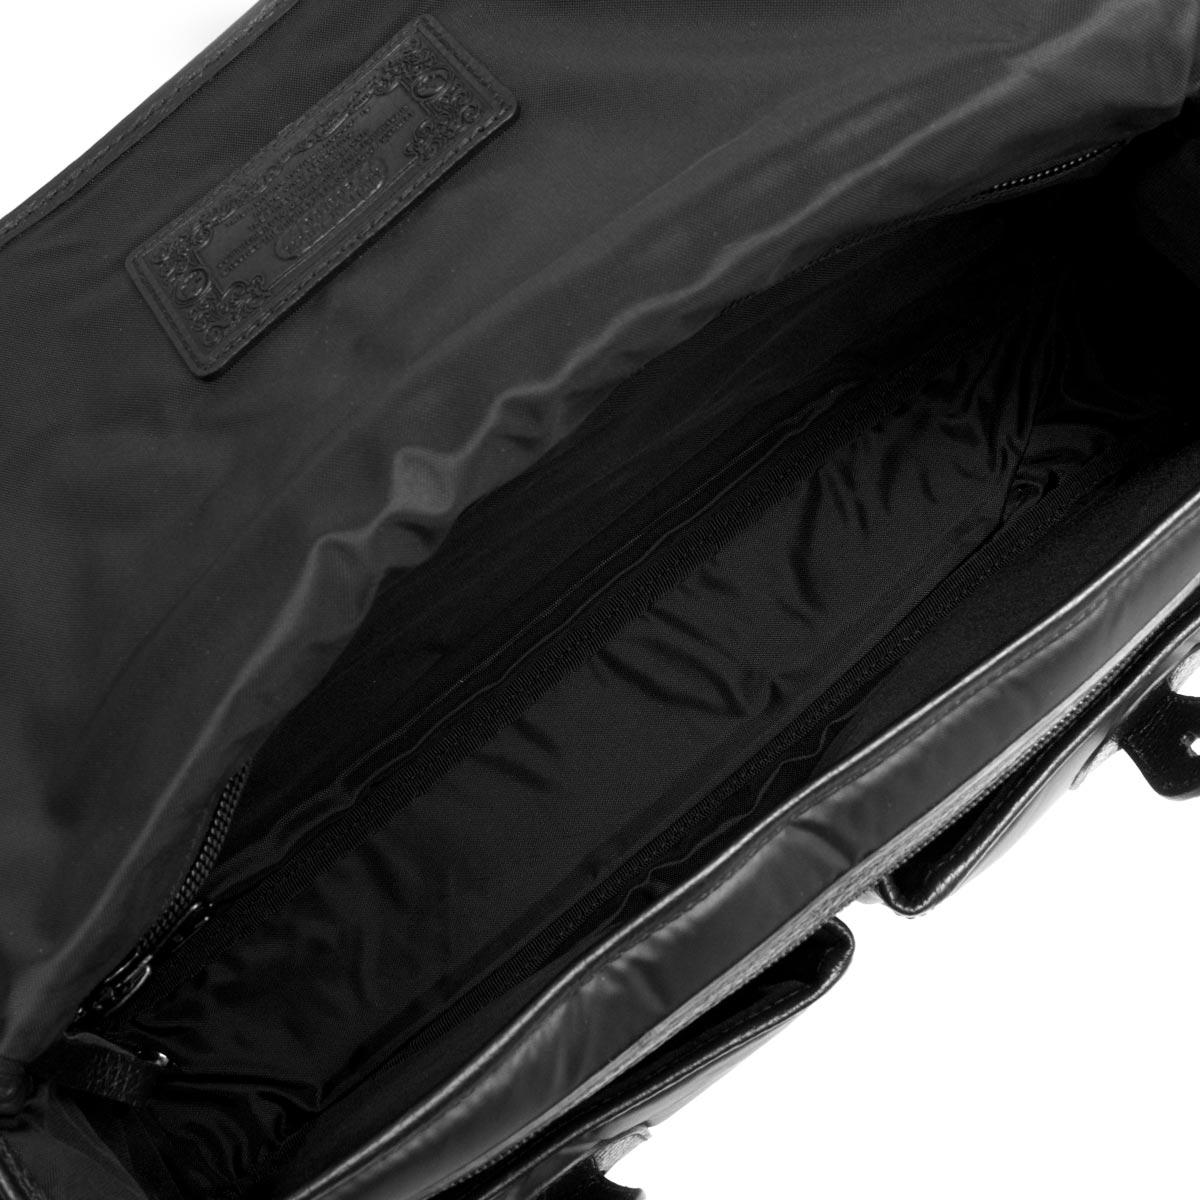 ハンティングワールド ショルダーバッグ バッグ メンズ BATTUE ORIGIN ブラック 6625 13A HUNTING WORLD